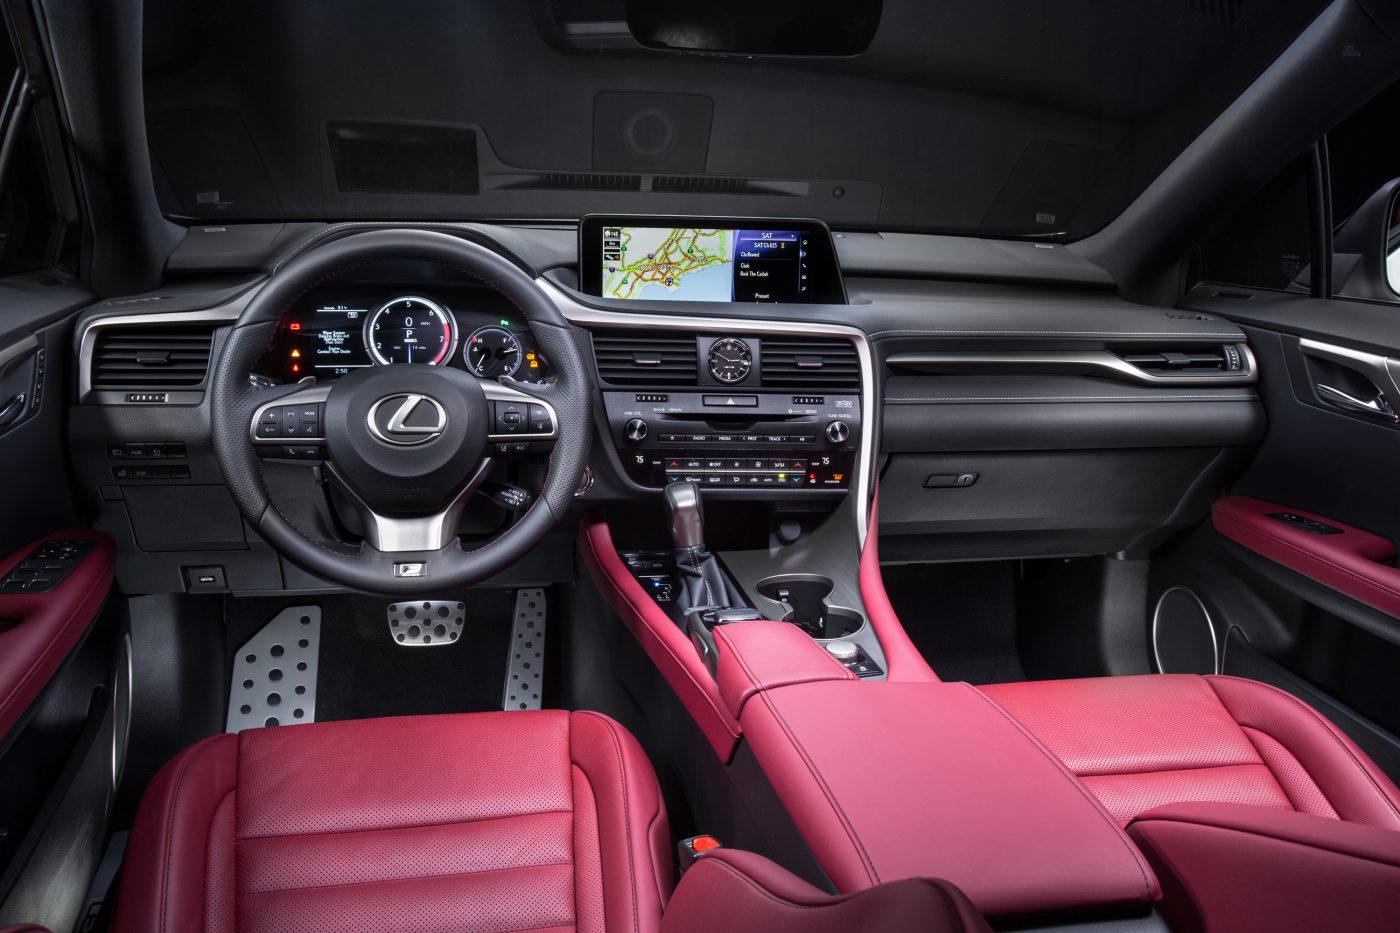 image courtesy of Lexus